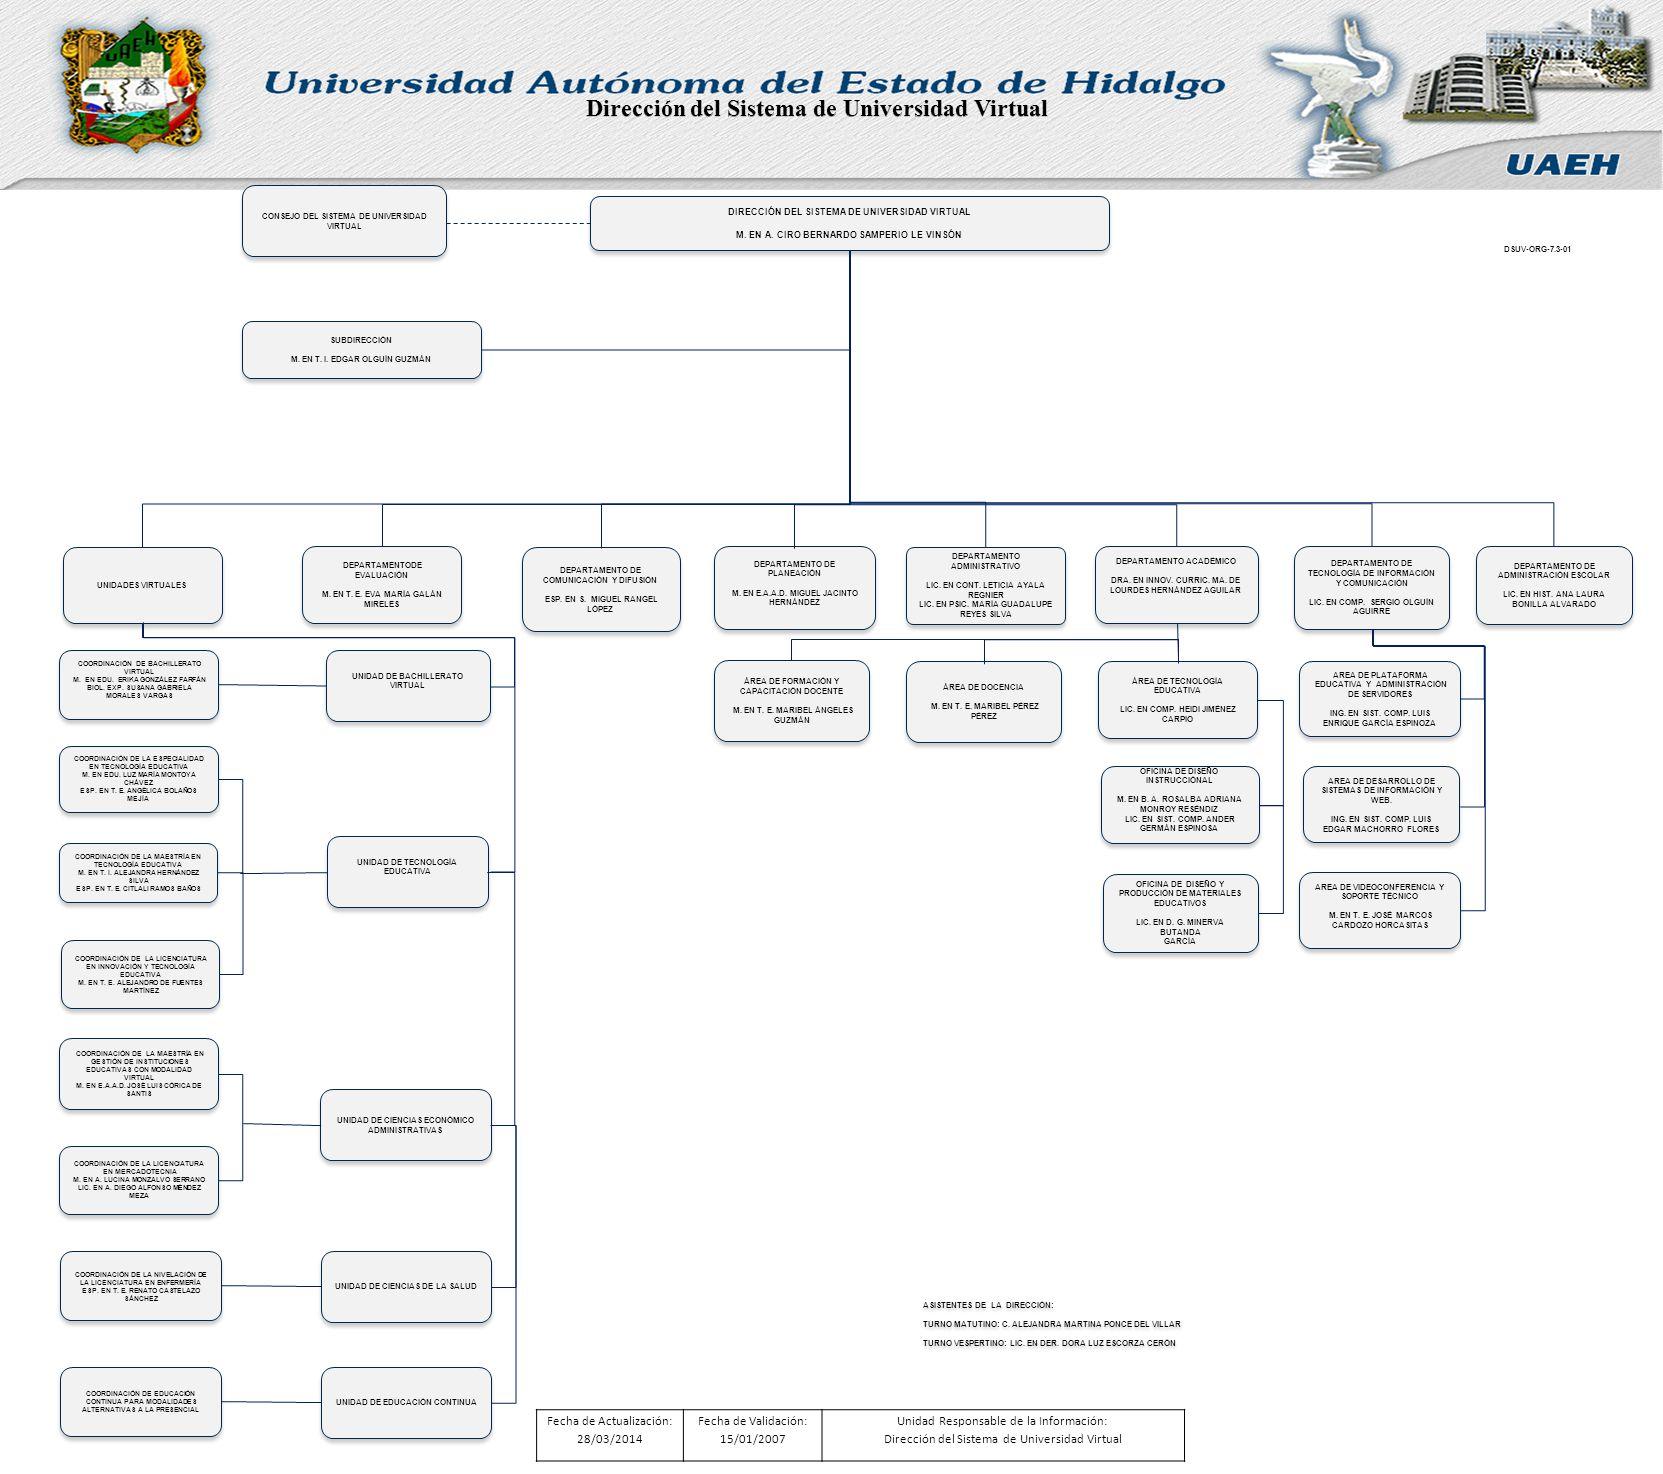 Dirección del Sistema de Universidad Virtual